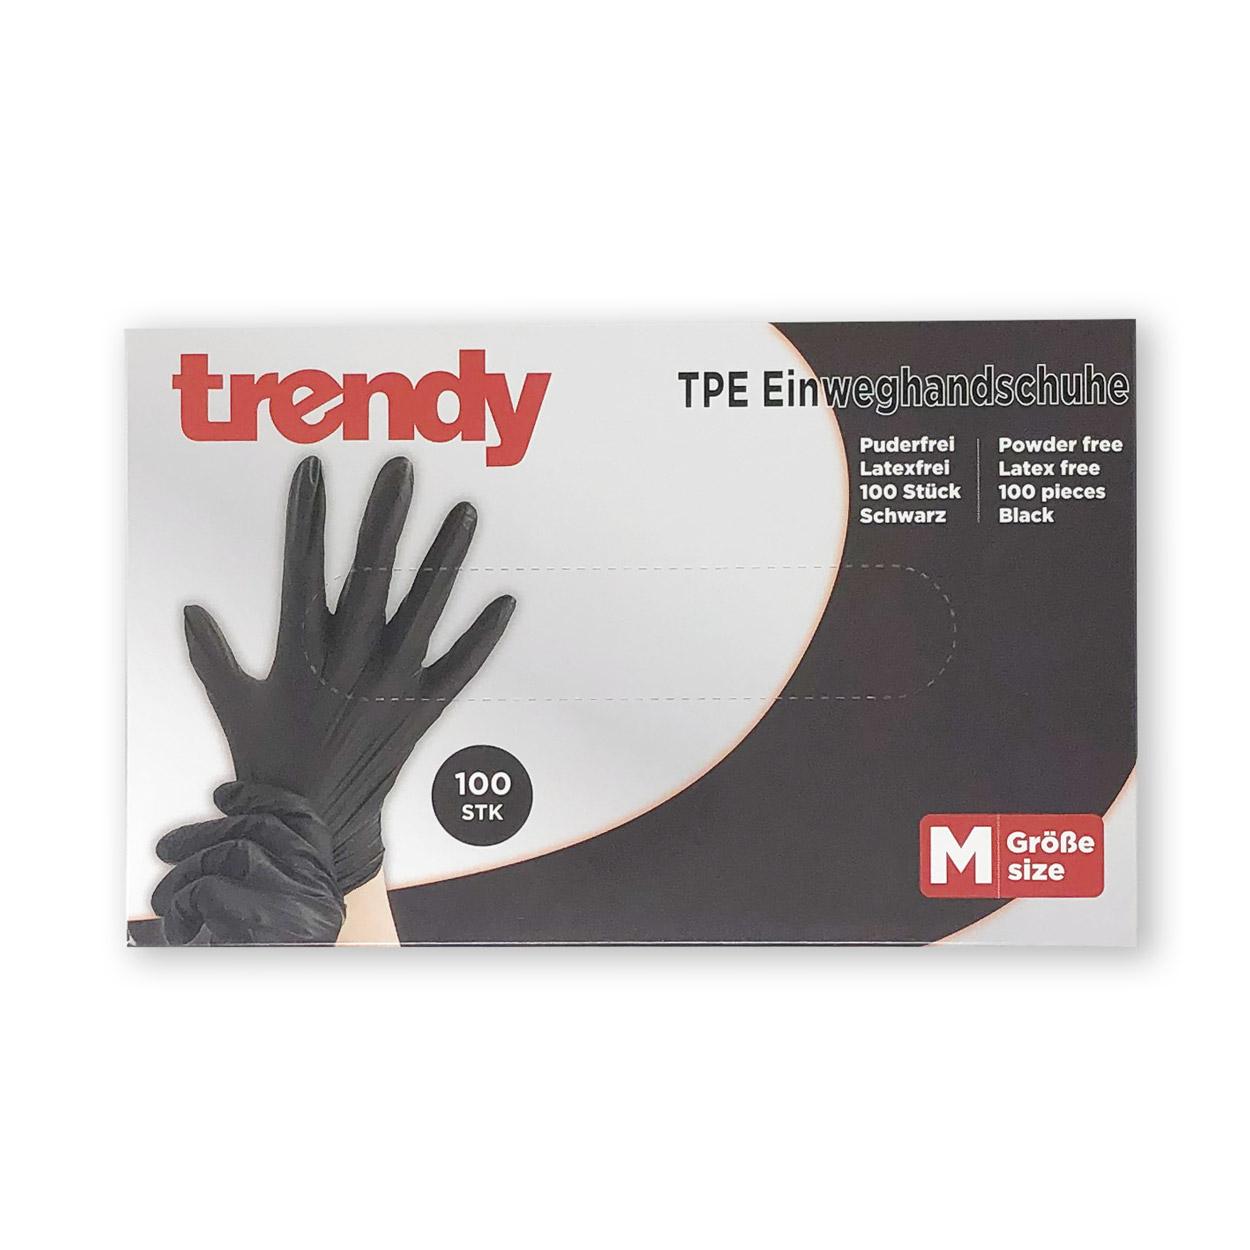 Einweghandschuhe aus TPE, Gr. M in schwarz - Packung á 100 Stück